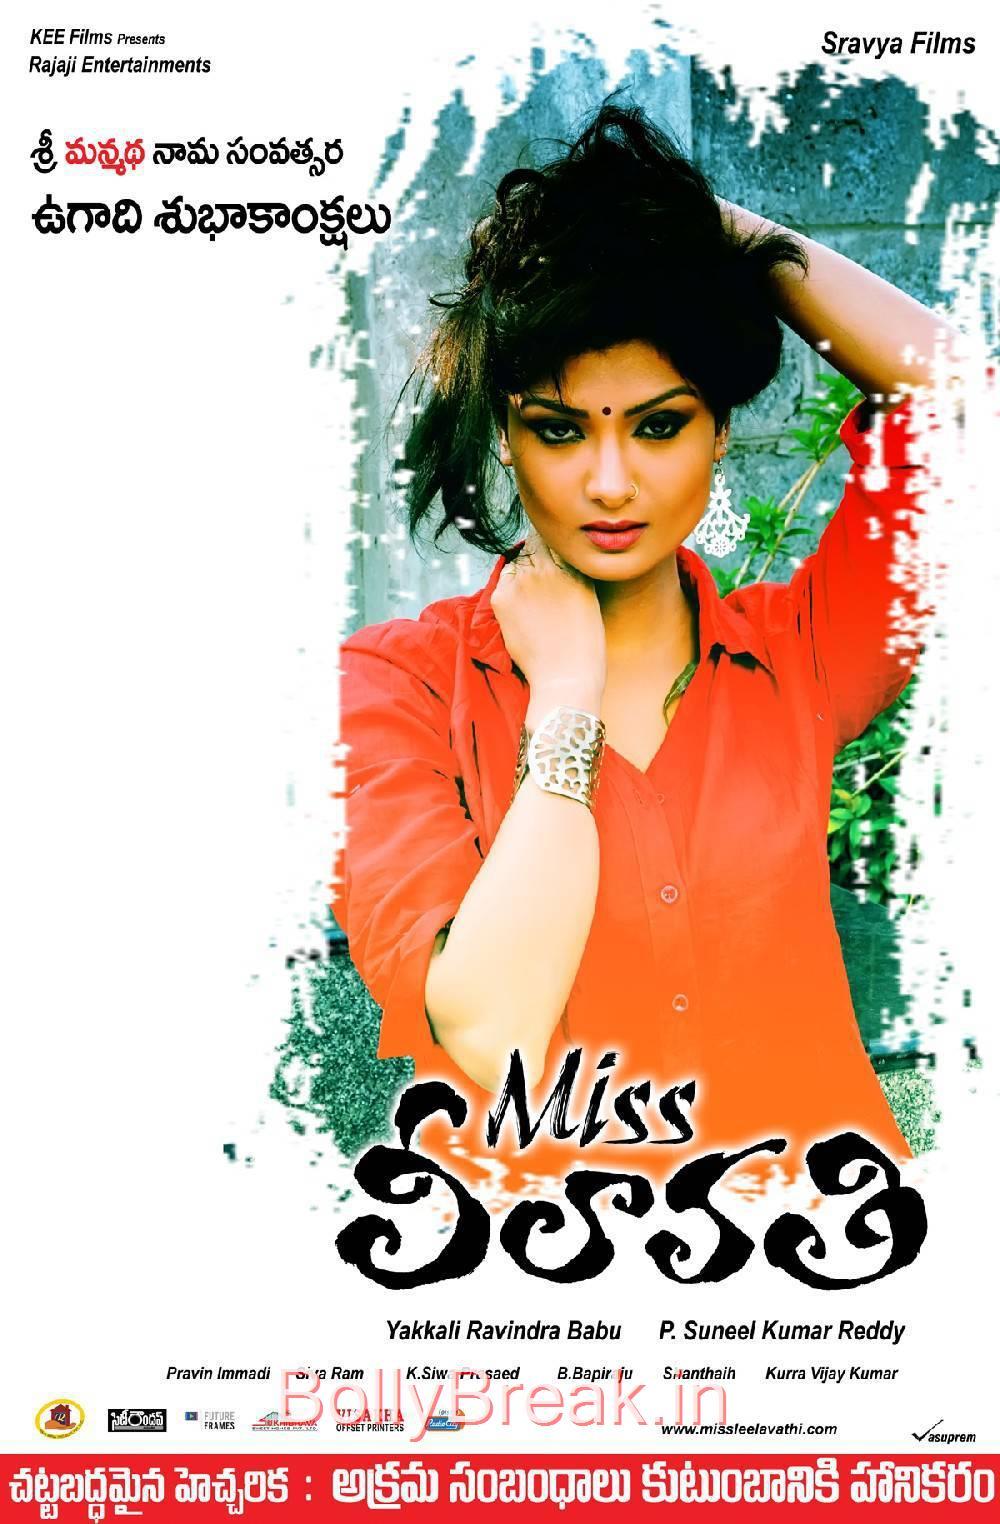 Karthik-Miss Leelavathi Movie Latest Wallpapers, Miss Leelavathi Movie Hot HD Wallpapers